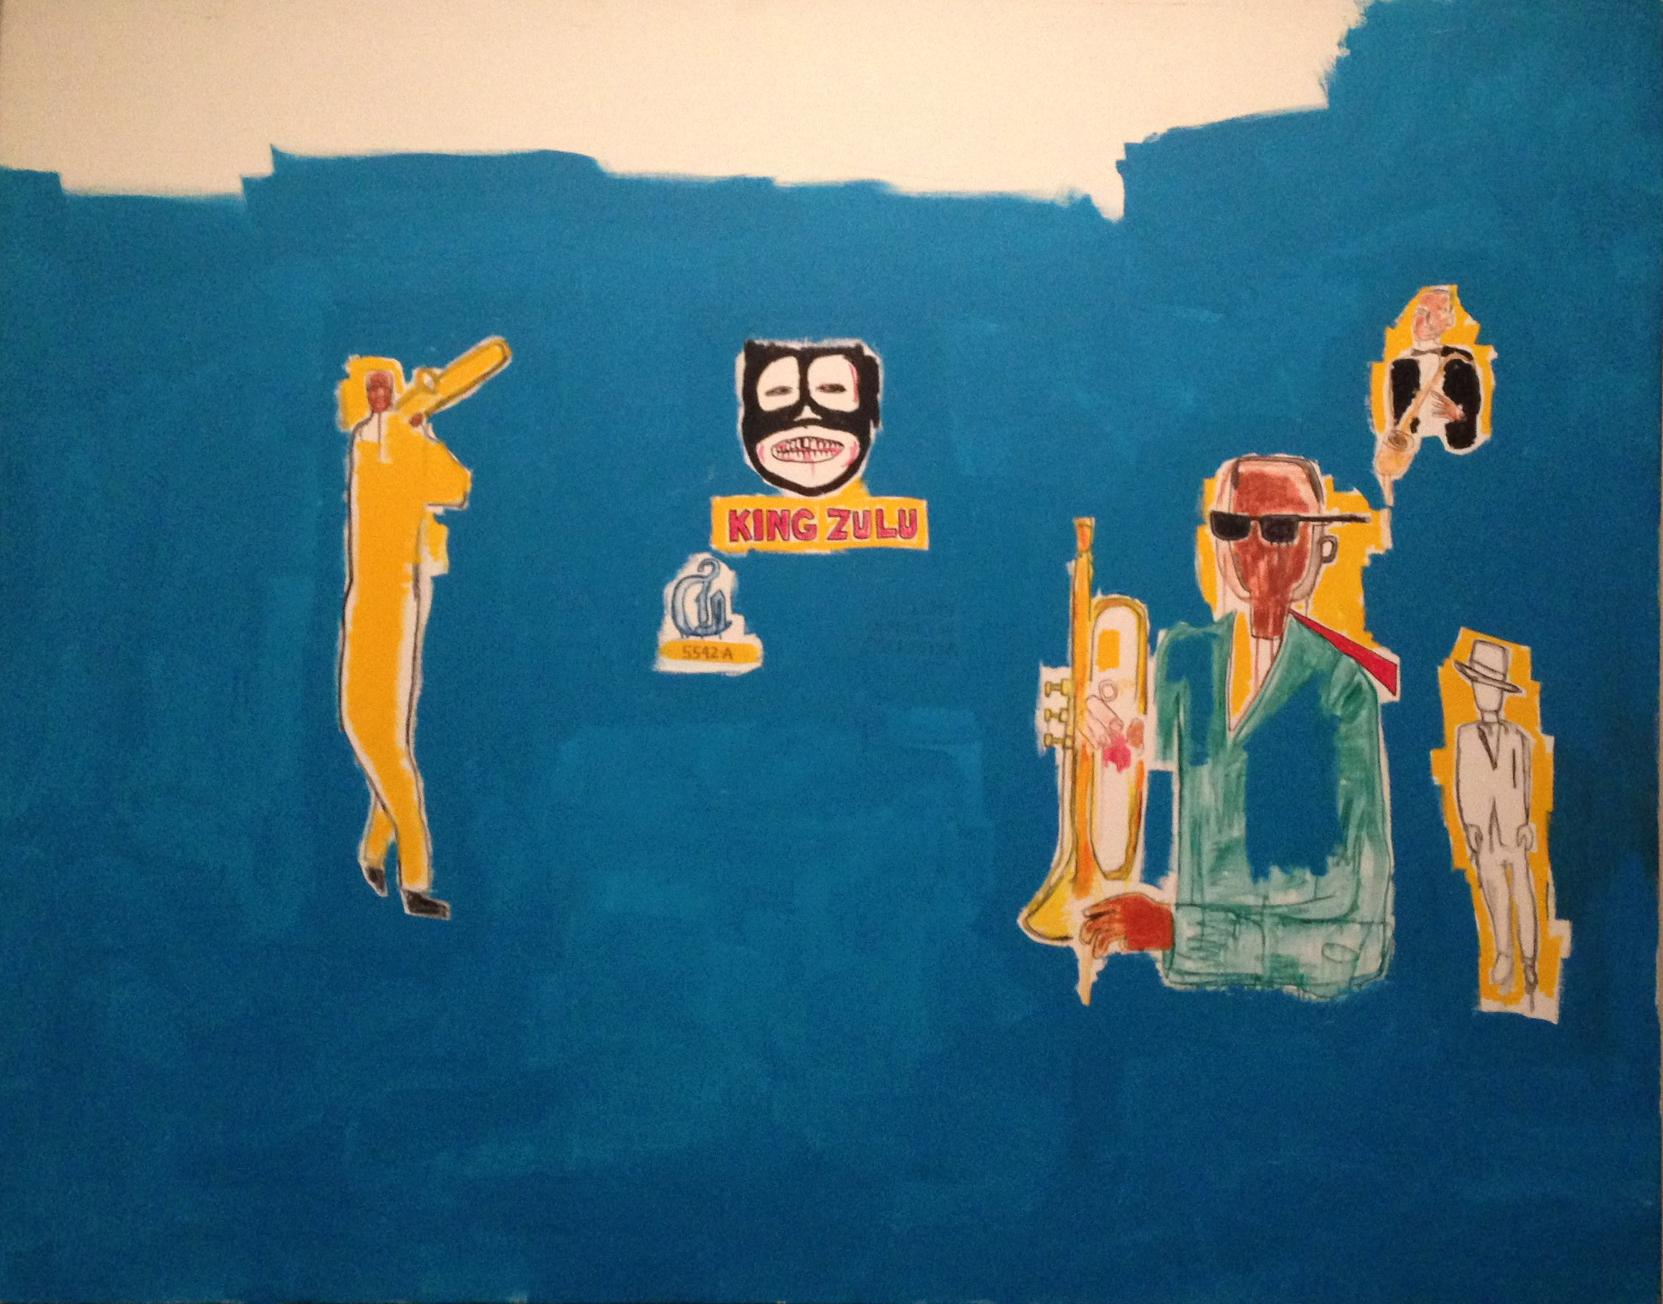 Jean-Michel Basquiat: King Zulu, 1986.